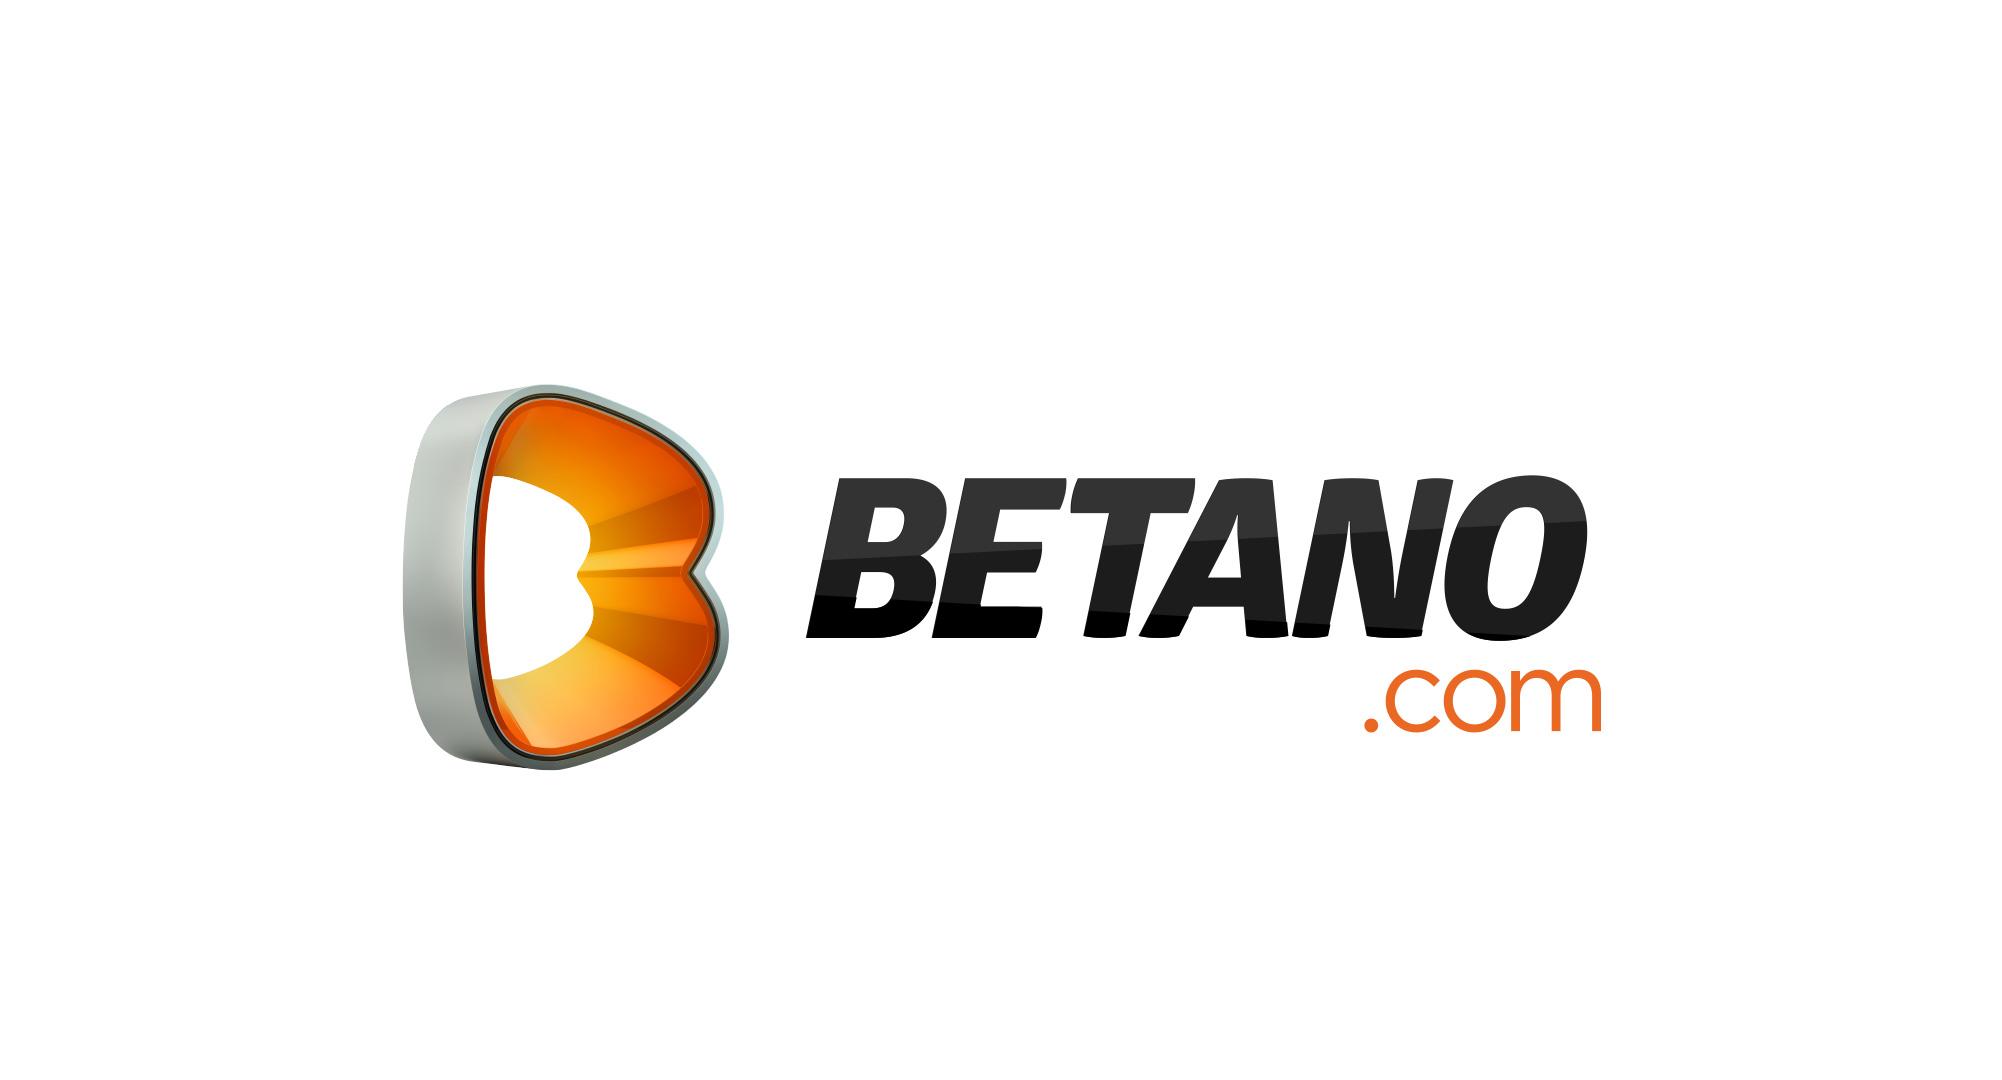 Betano.Com